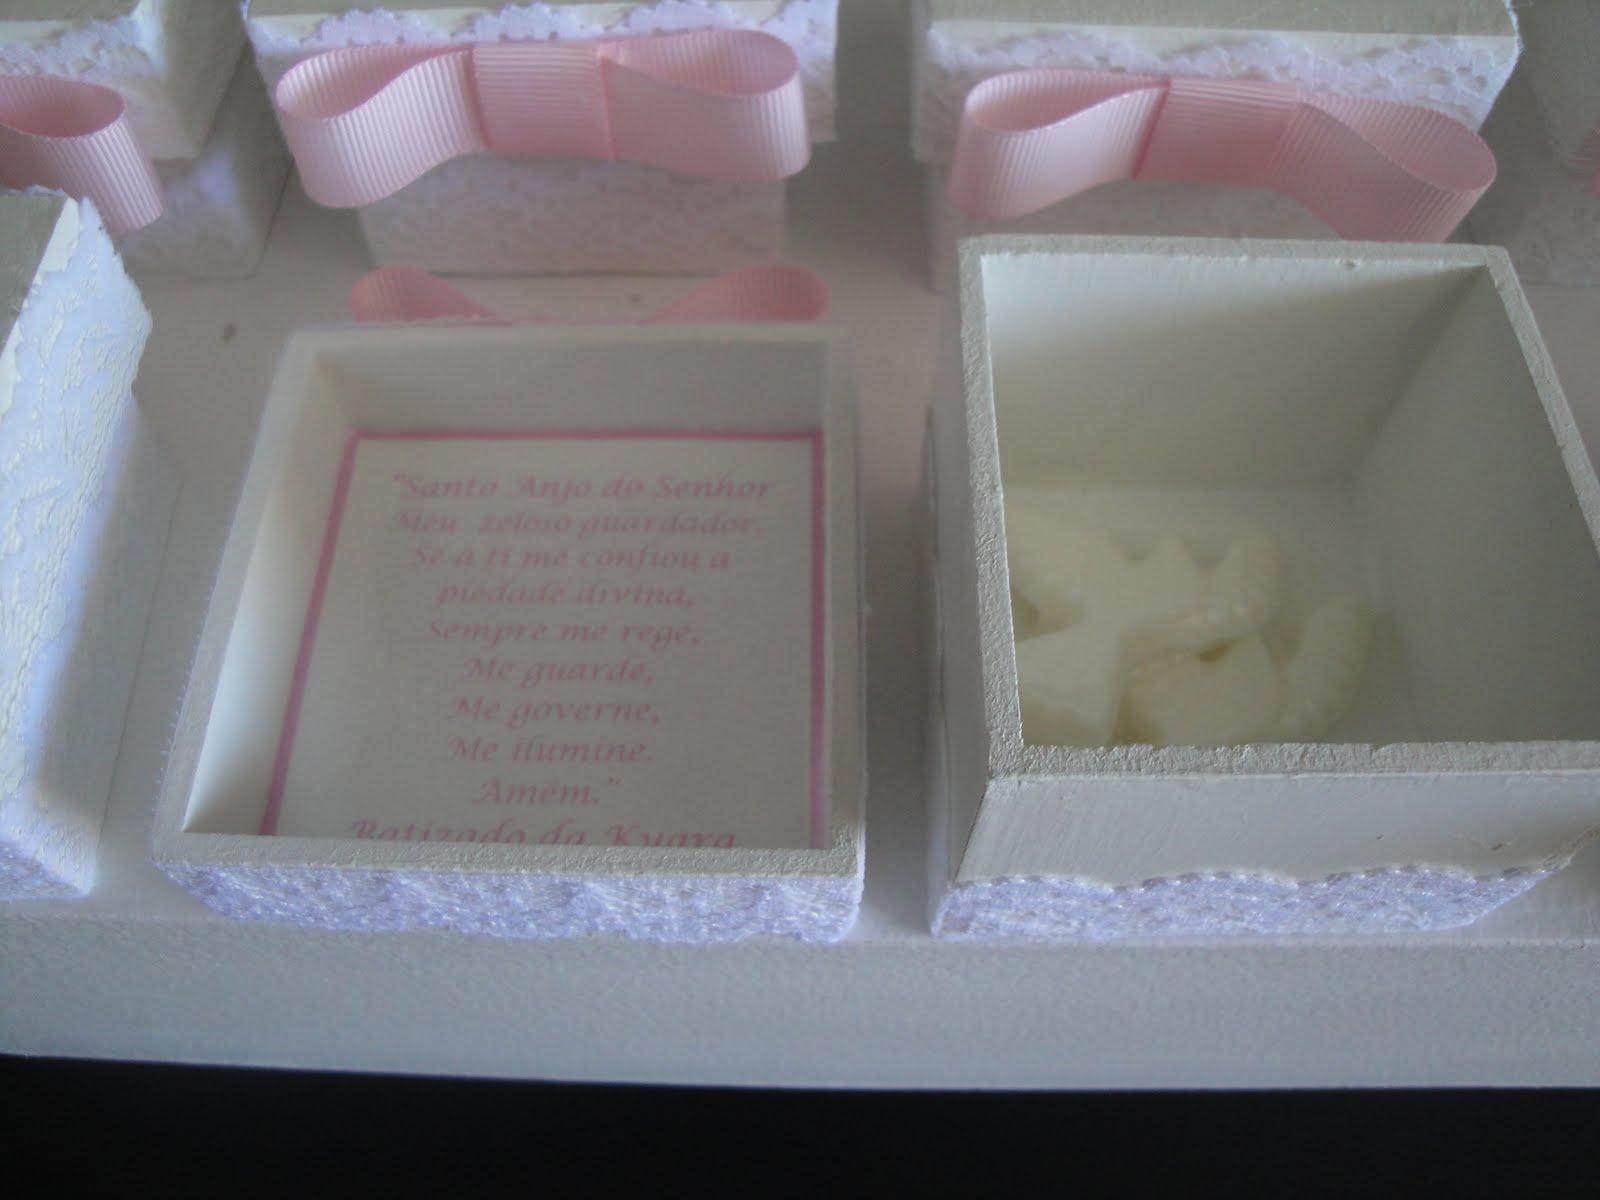 Dentro da caixinha tem sabonetes em formato de pombinhas. E no verso  #495B82 1600x1200